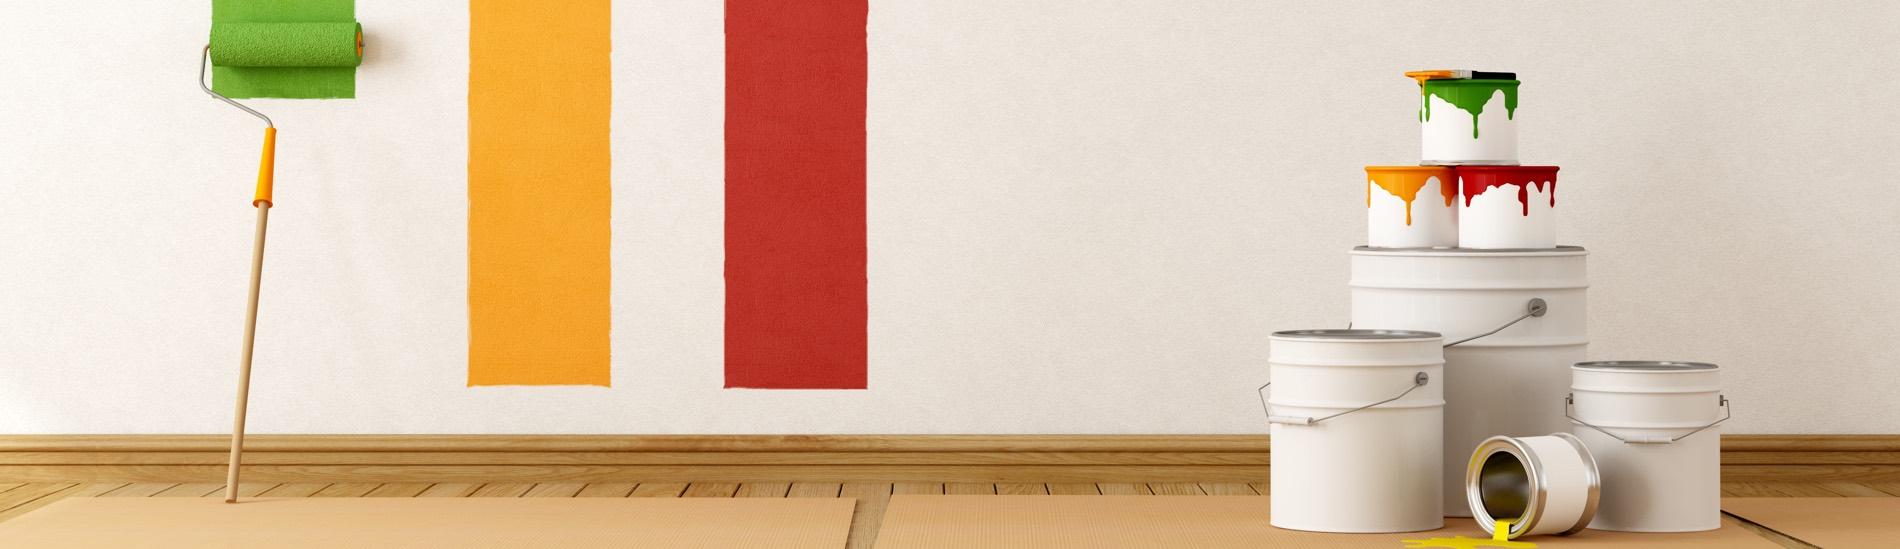 renovierungen frankfurt und offenbach i maler und tapezierarbeiten. Black Bedroom Furniture Sets. Home Design Ideas